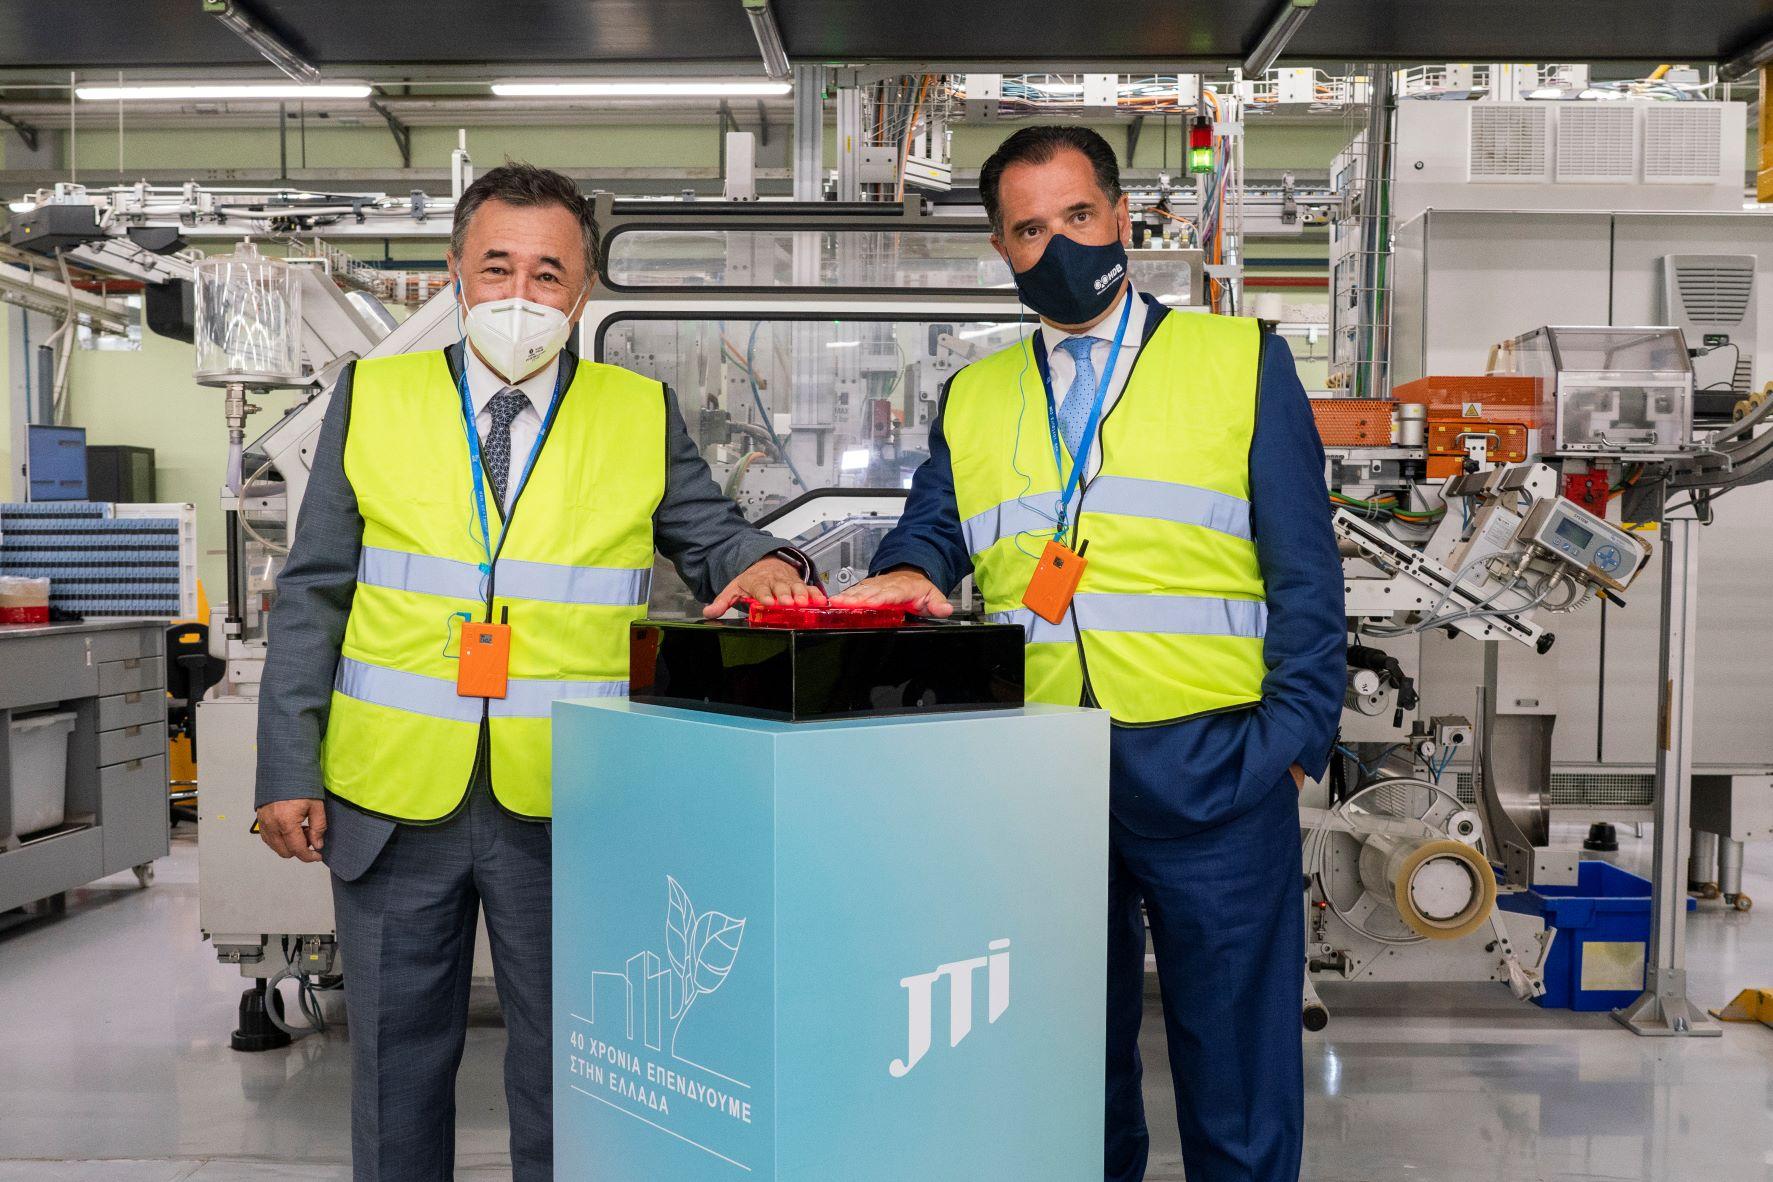 JTI: Εγκαινιάστηκε η νέα γραμμή παραγωγής στο εργοστάσιο της ΣΕΚΑΠ